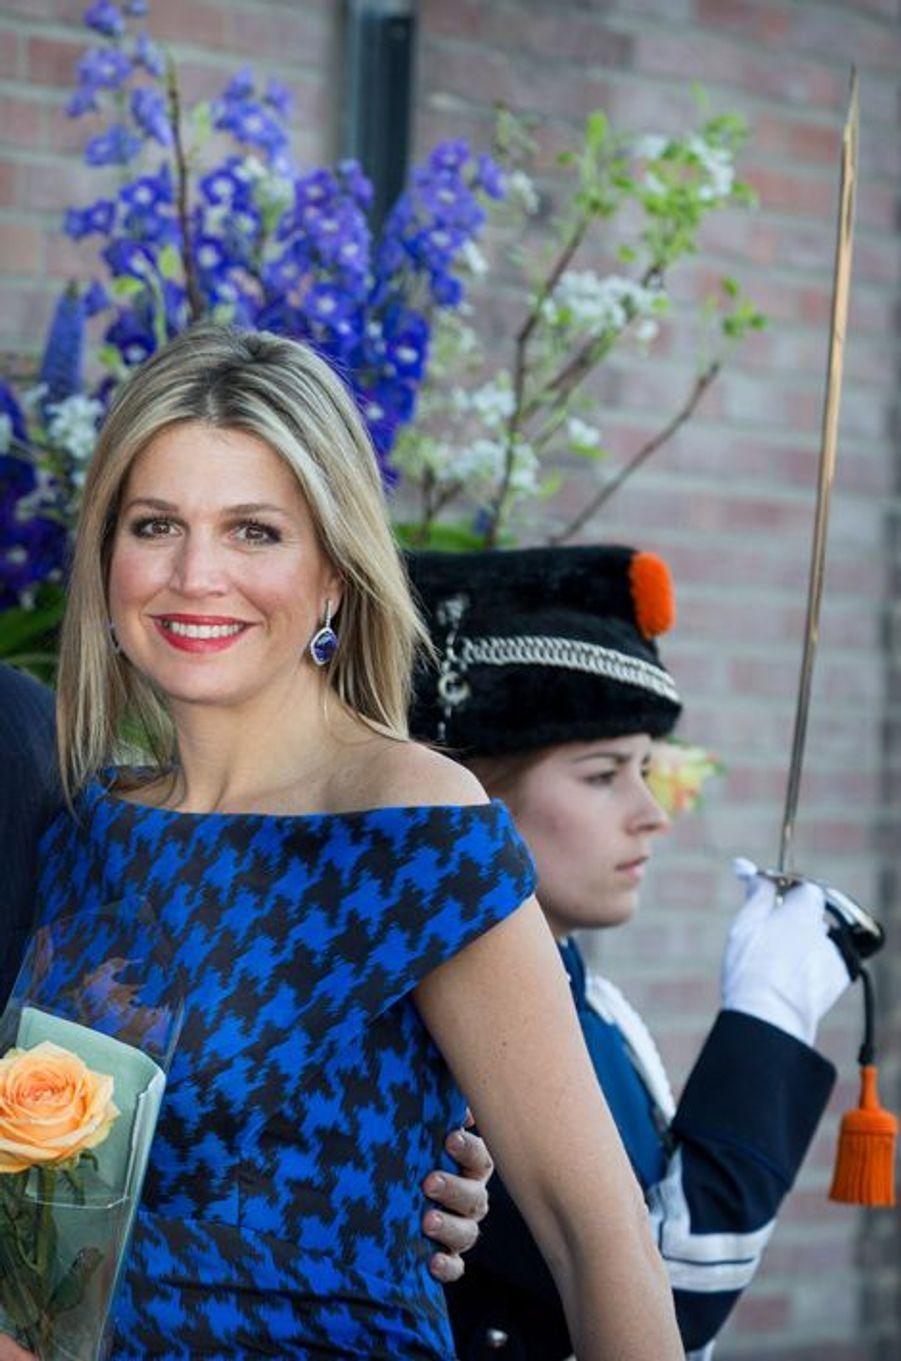 La reine Maxima des Pays-Bas à Dordrecht, le 14 avril 2015